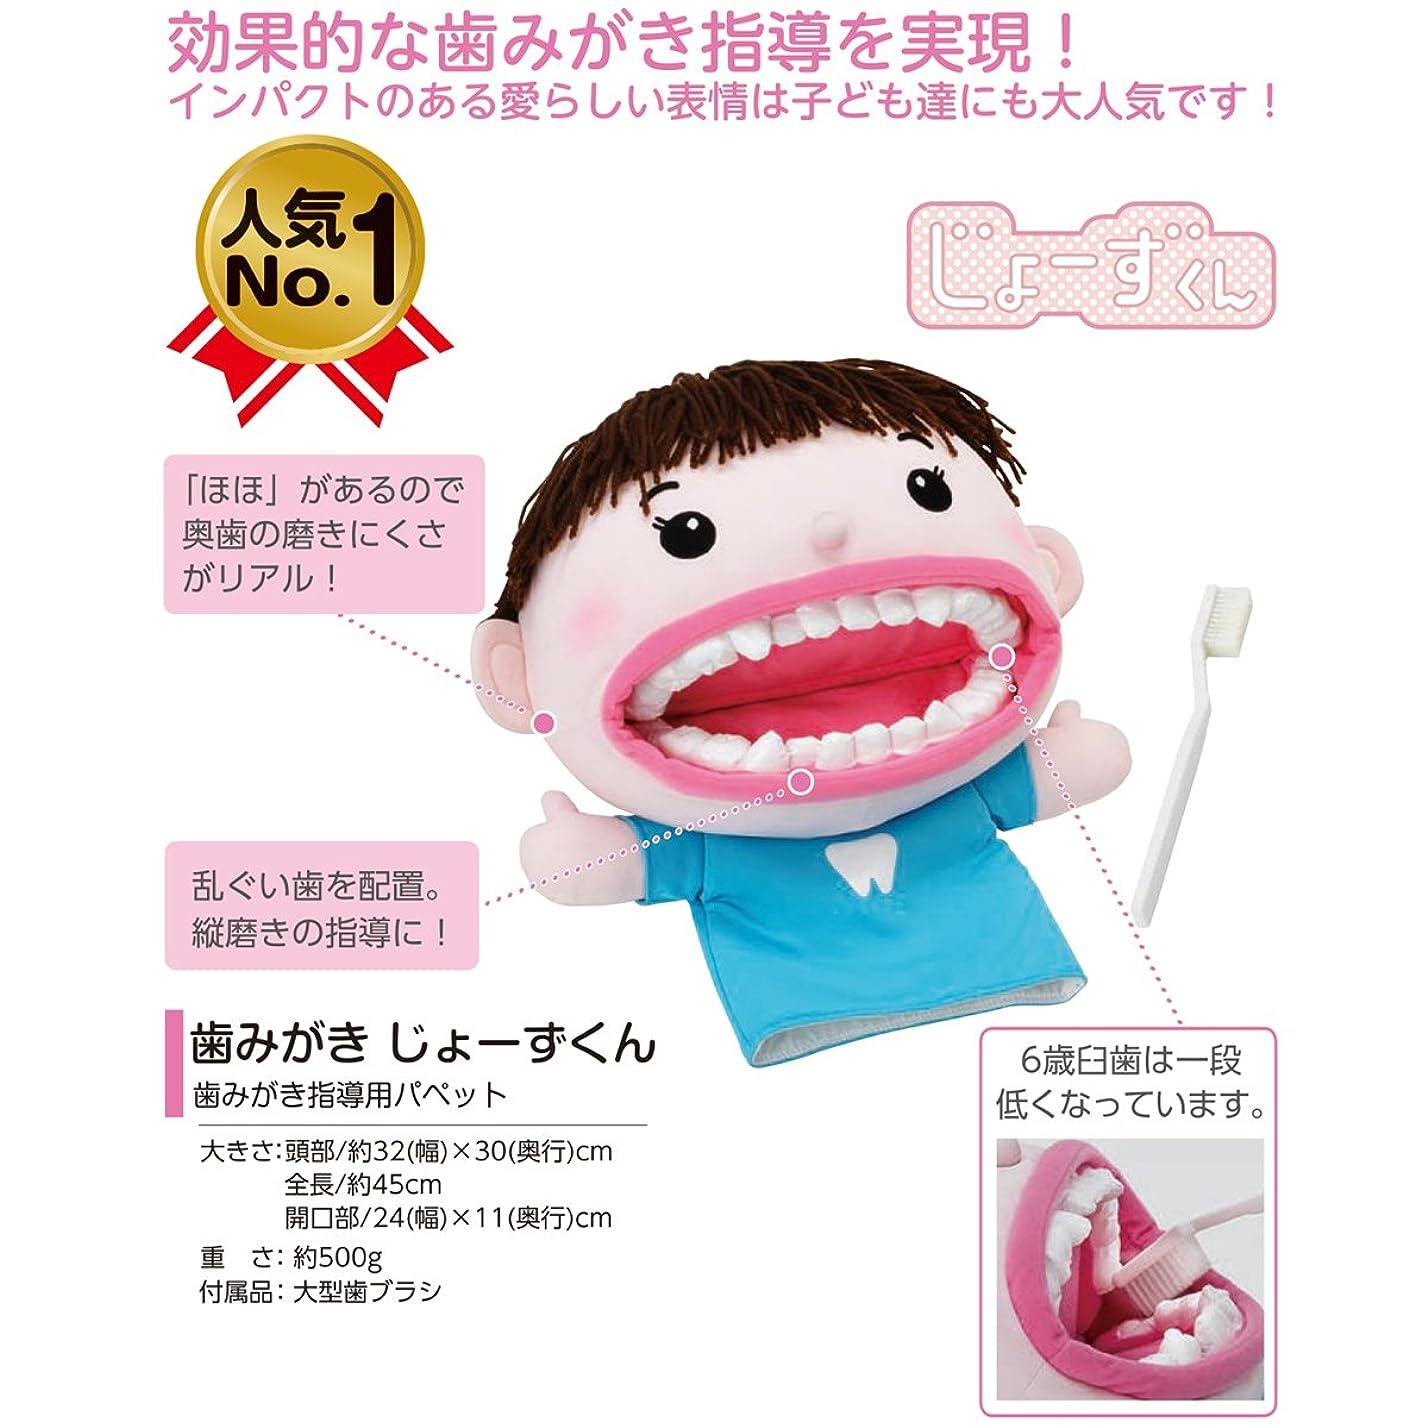 勝利した属性服歯みがき じょーずくん 歯磨き 指導用 教育用 パペット 人形 ぬいぐるみ